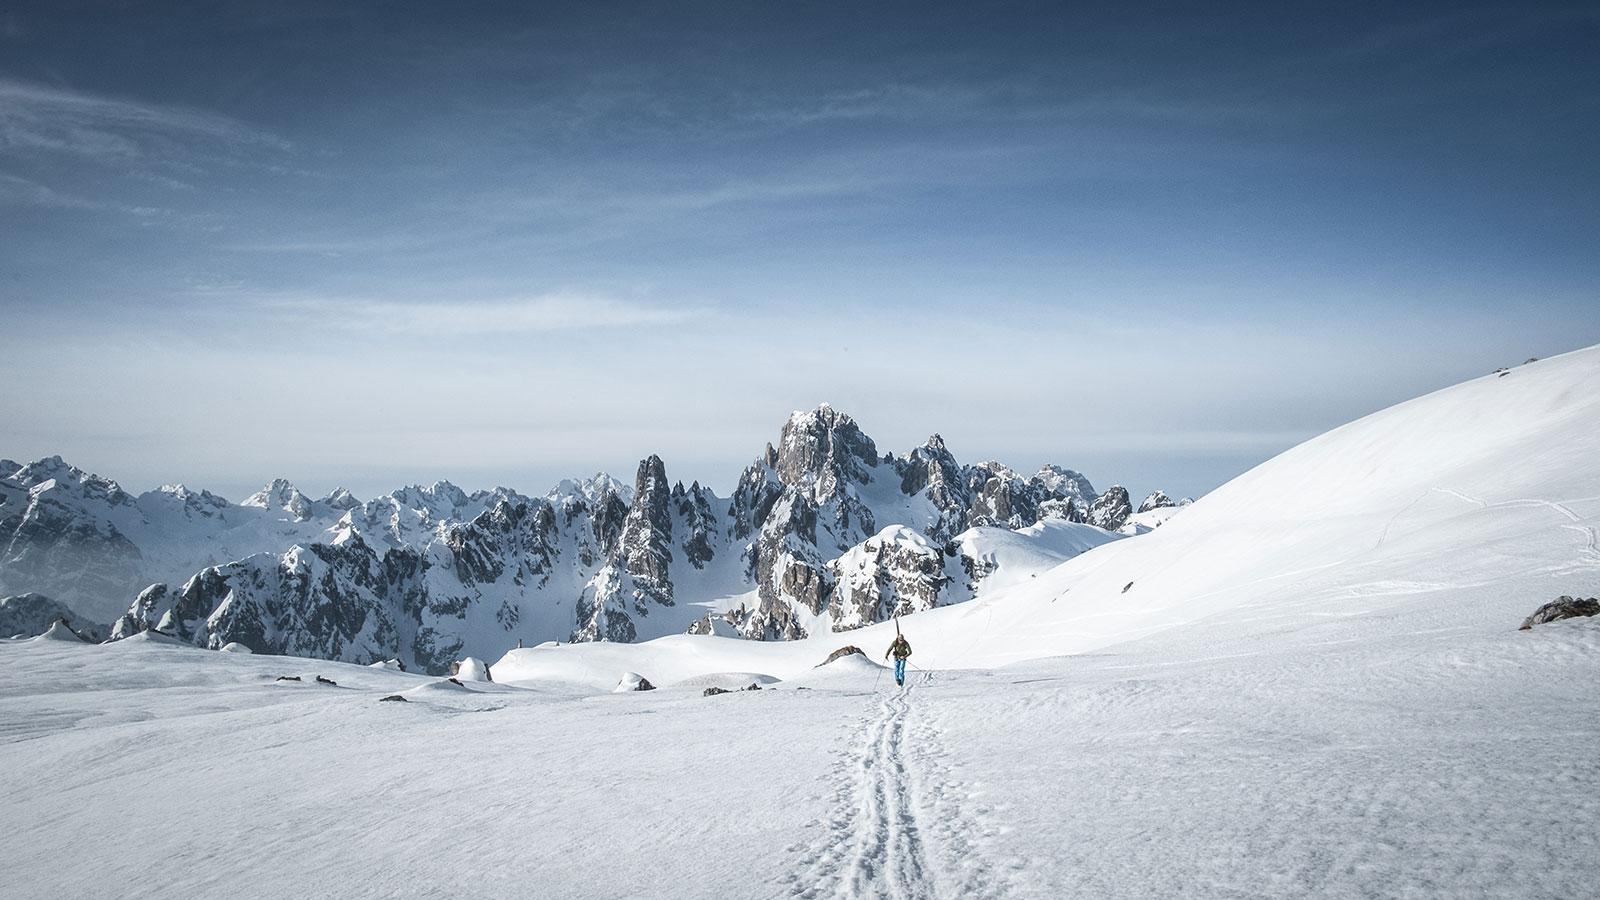 Durchquerung. Dolomiten | Pauli Trenkwalder, Berge & Psychologie